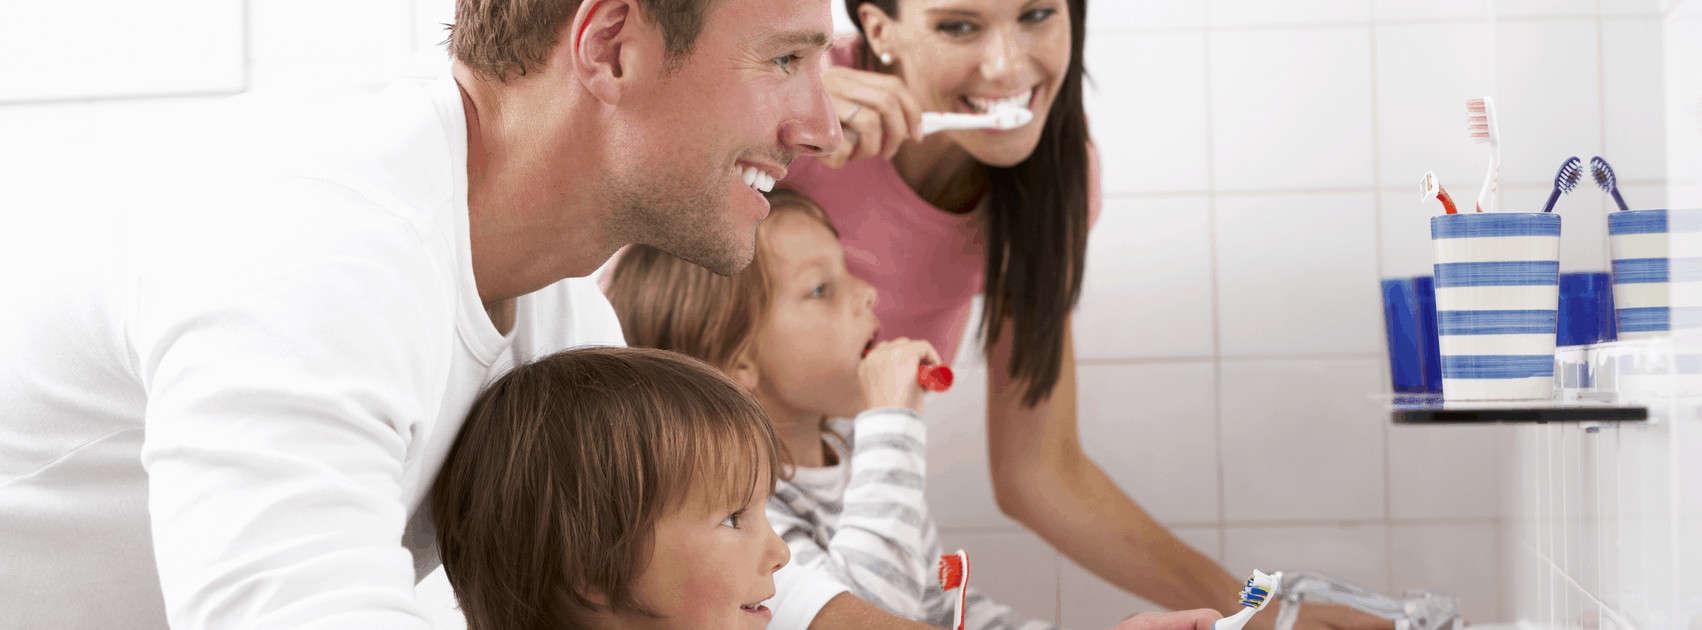 gezin poetst tanden in badkamer